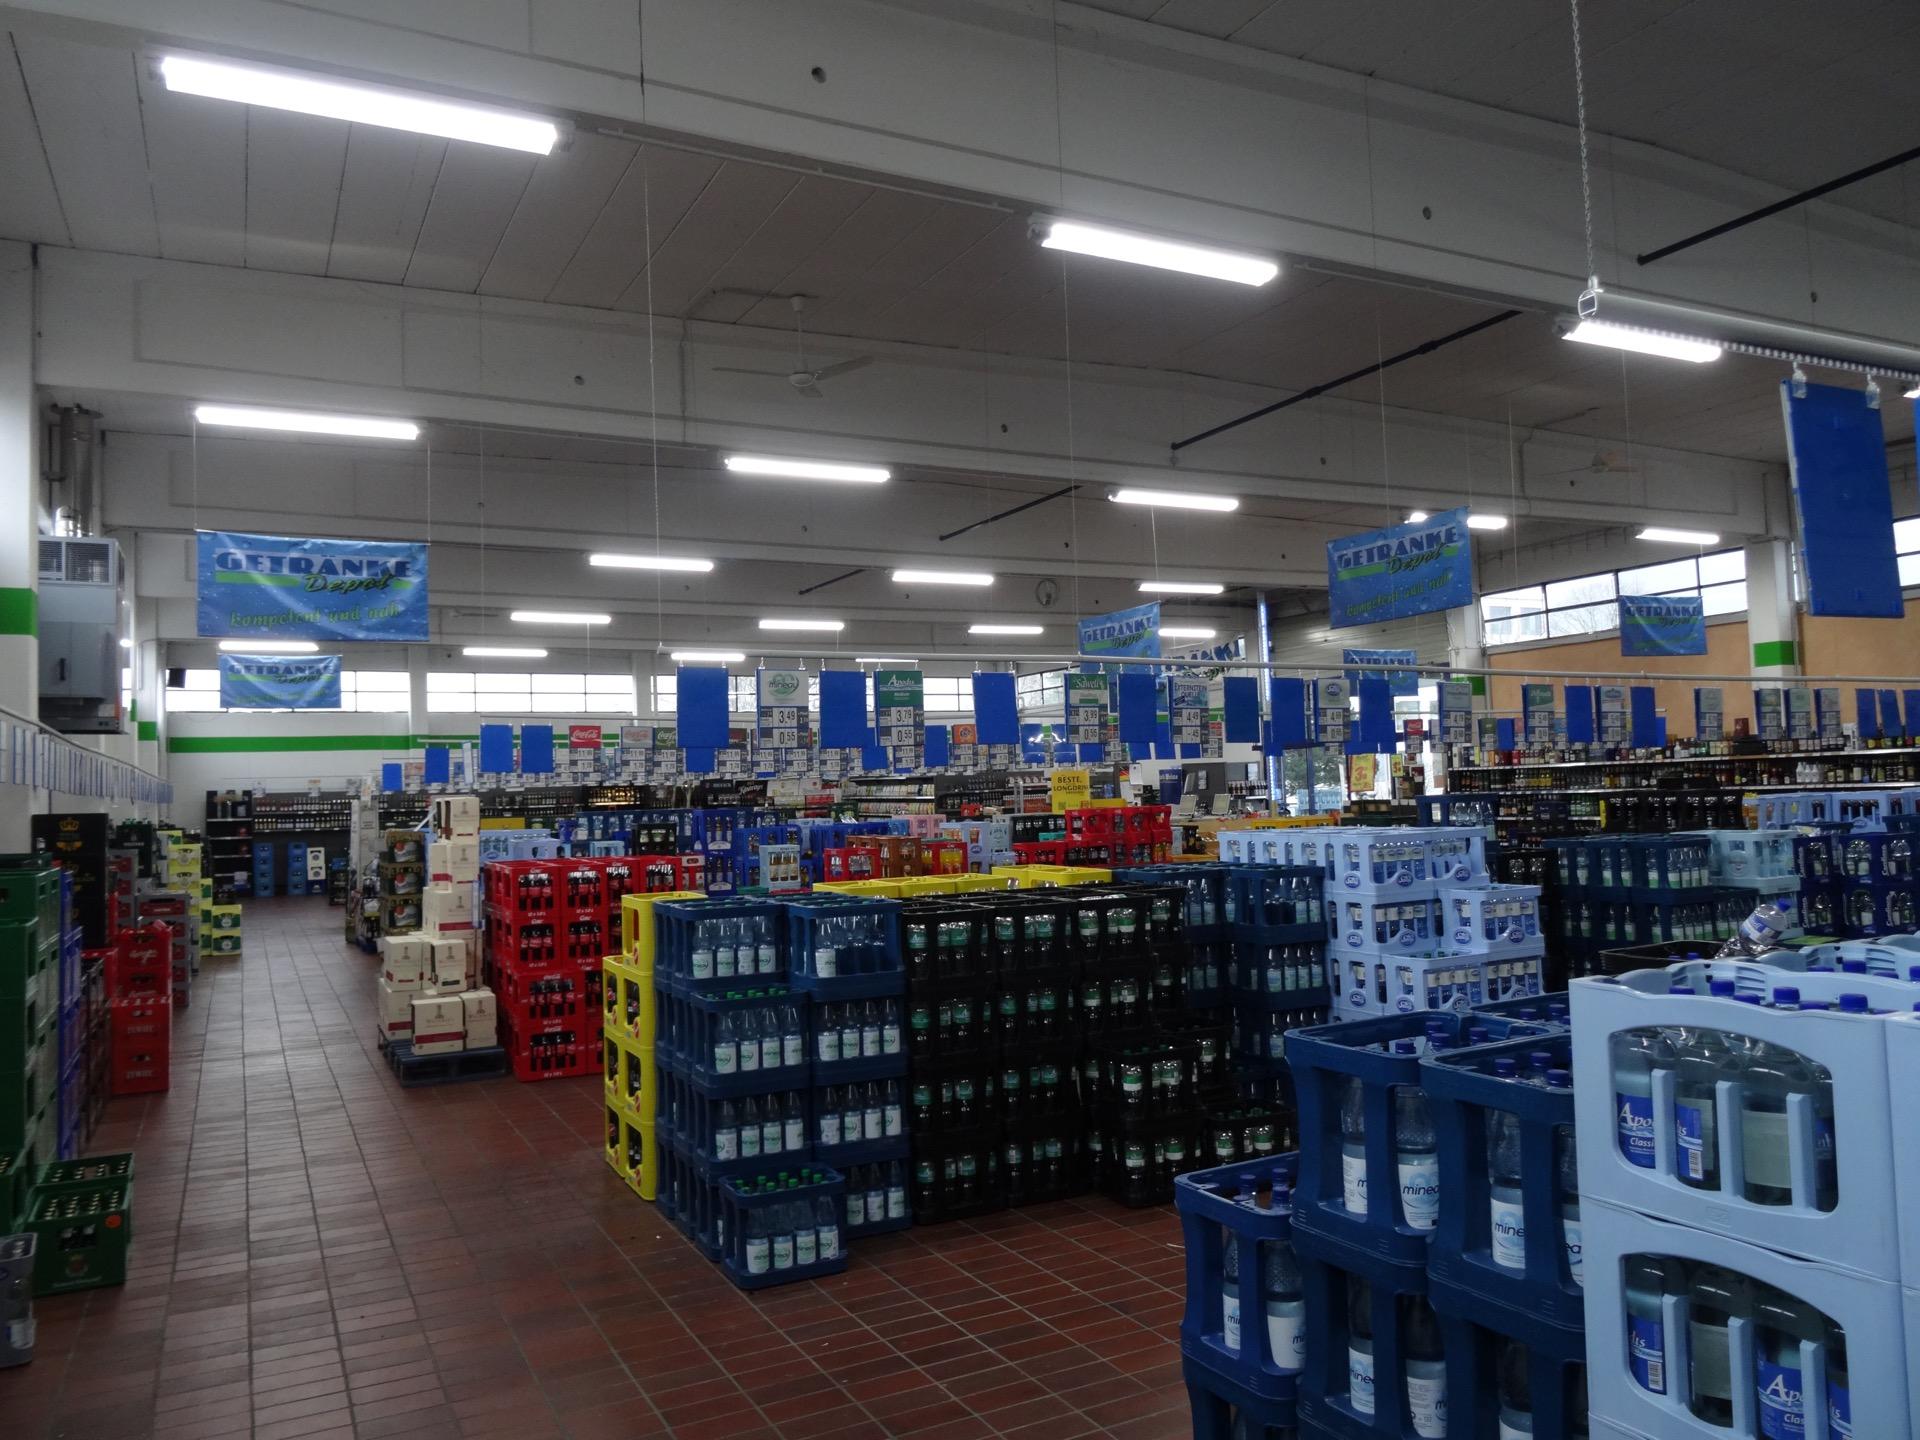 Leuchten Store Outlet Munster Haus Bilder Idee